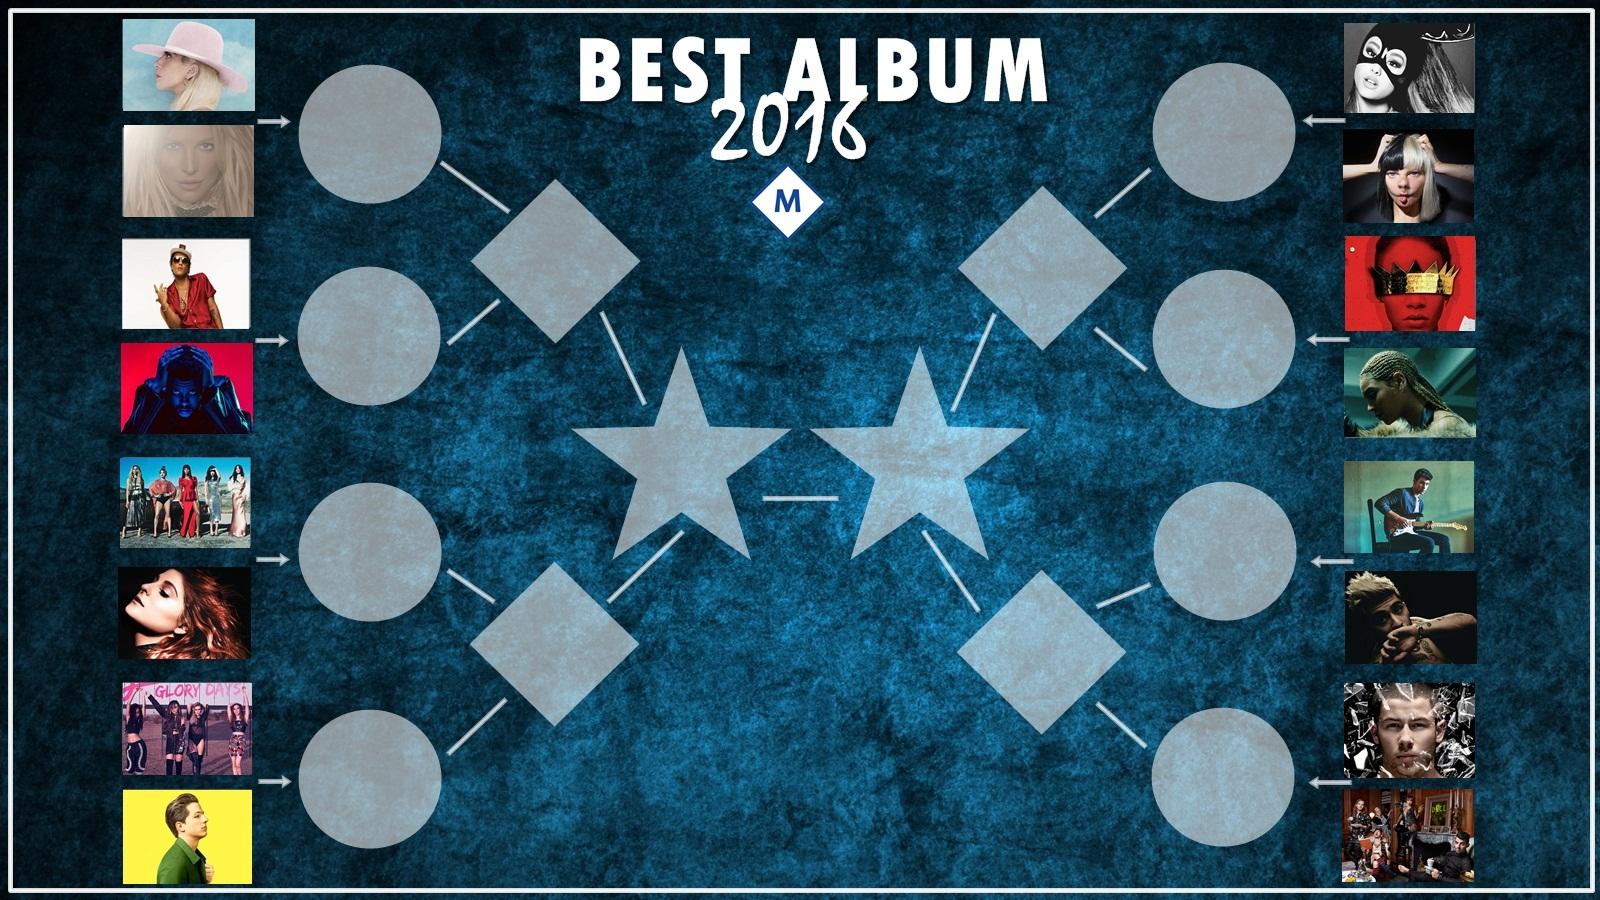 Best Album: Vote For Your Favorite!